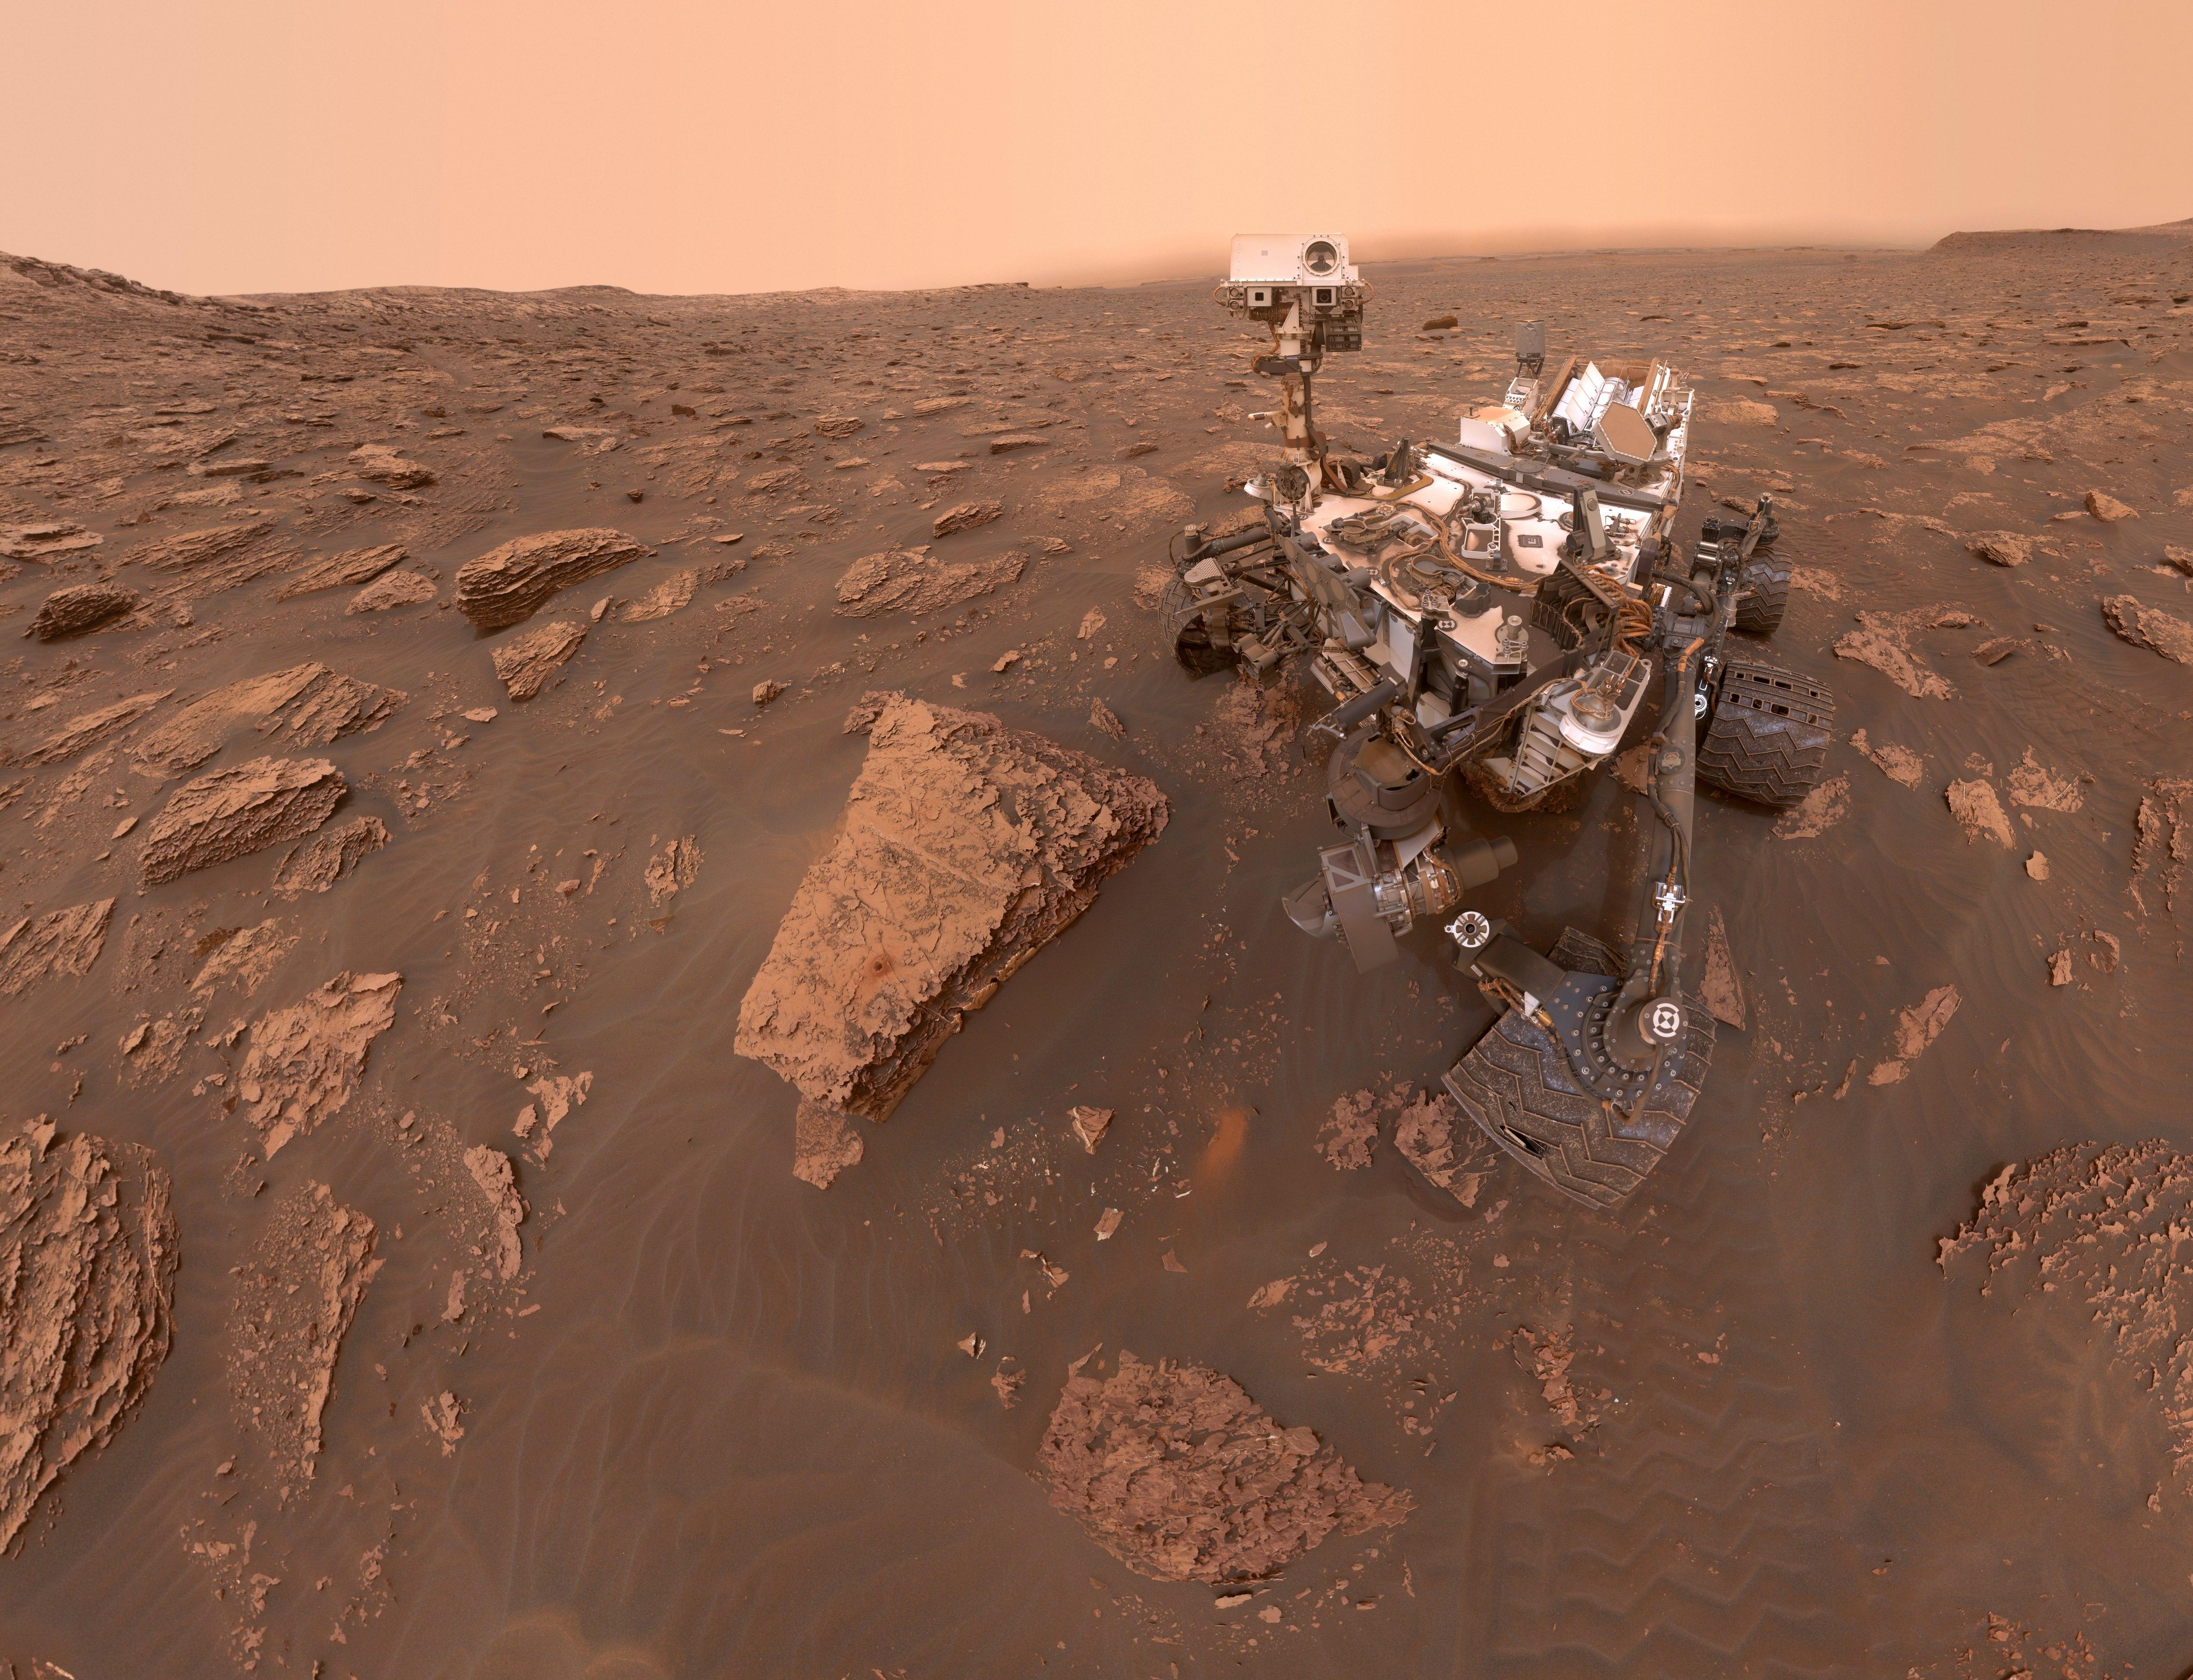 На Марсе началась пылевая буря планетарного масштаба, мешающая работе «Оппортьюнити» 1